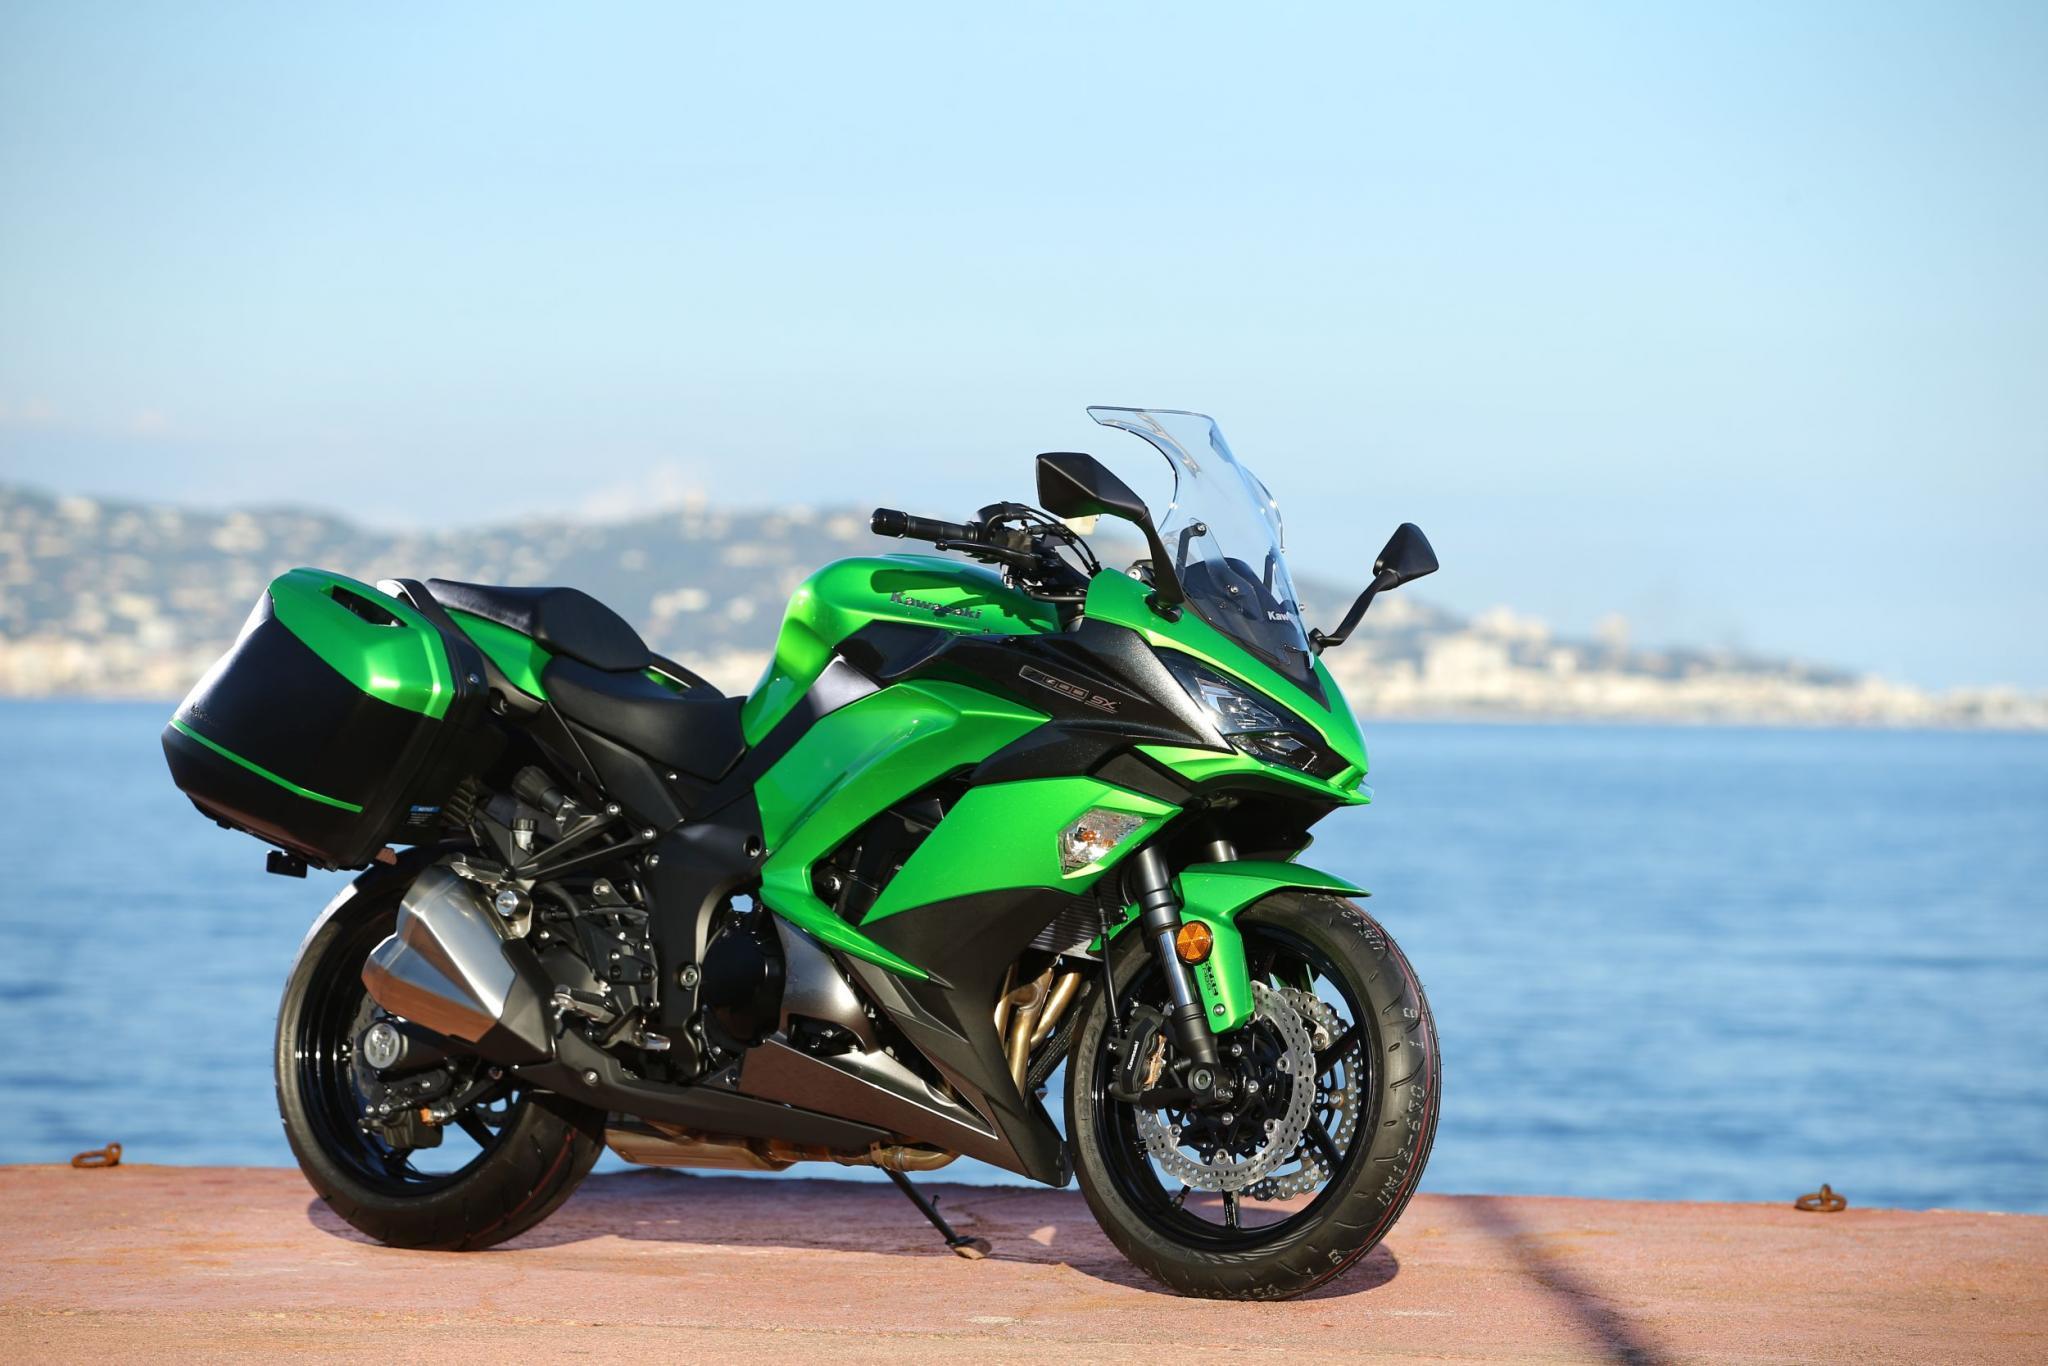 Kawasaki Z1000 SX Test 2017 Motorrad Fotos & Motorrad Bilder